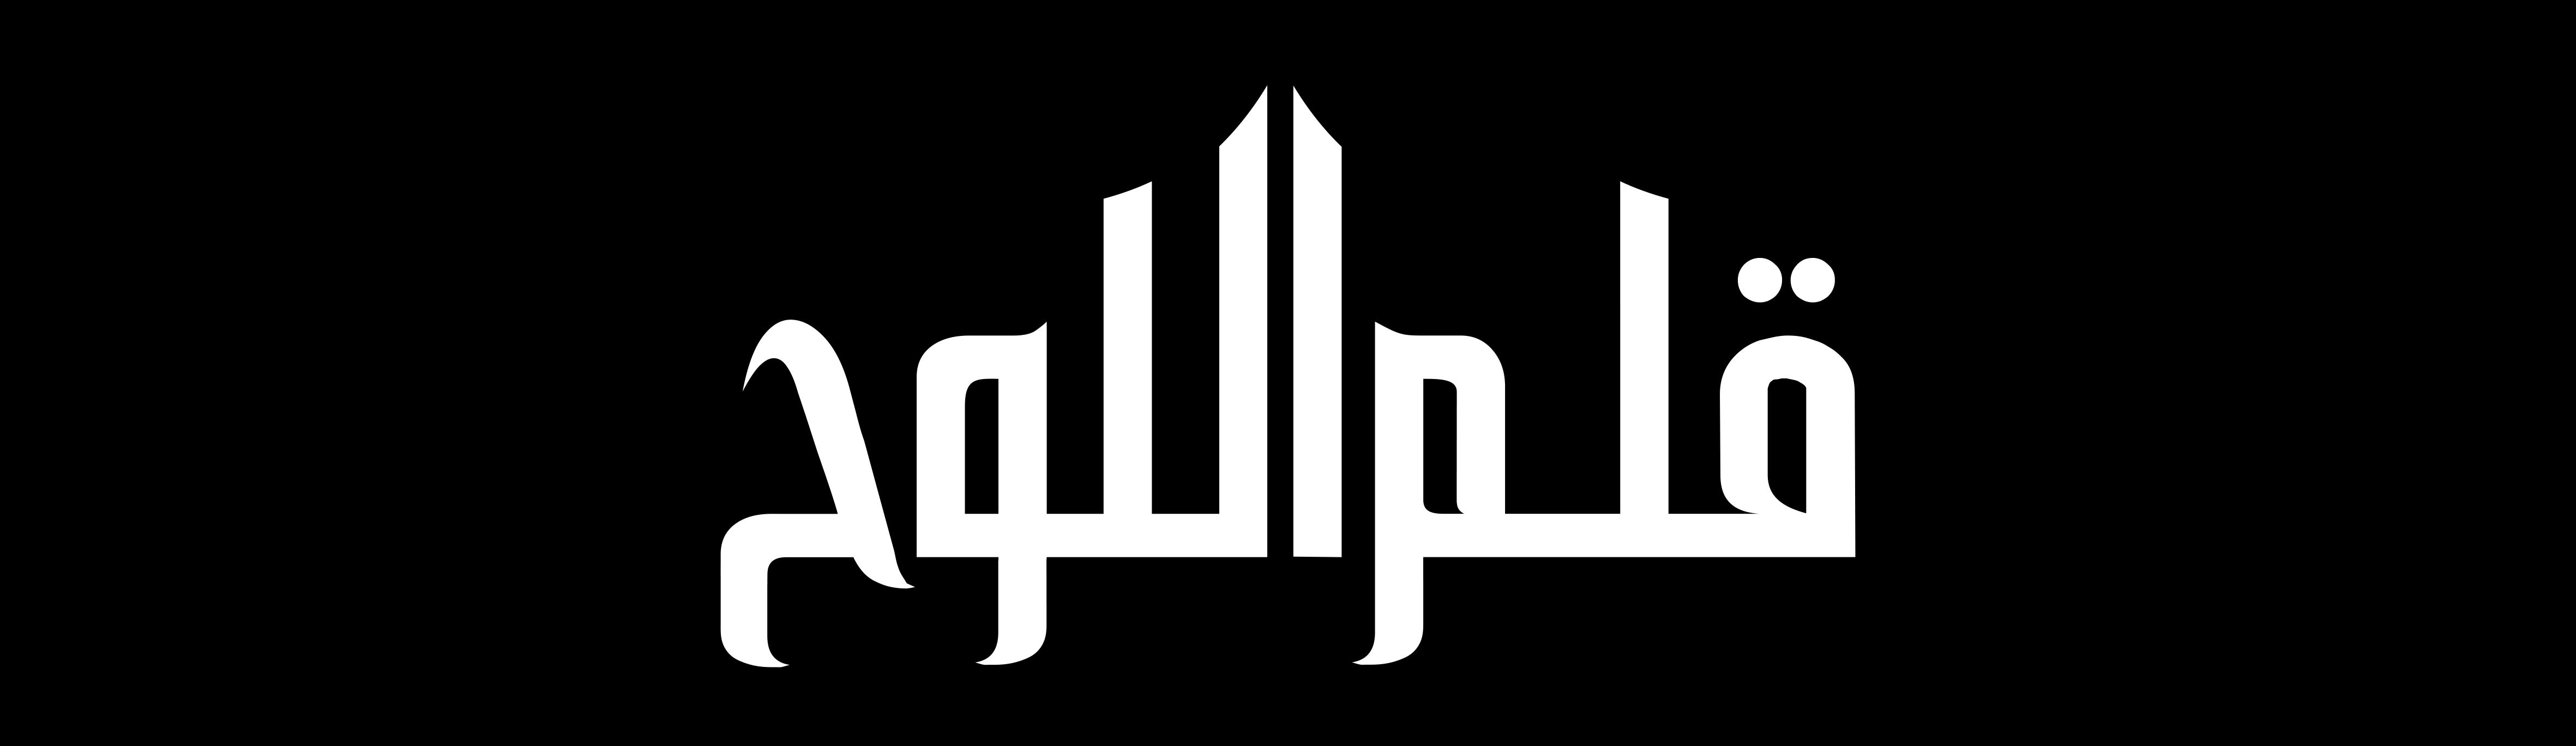 Klam Ellouh – Meuble Tunisie